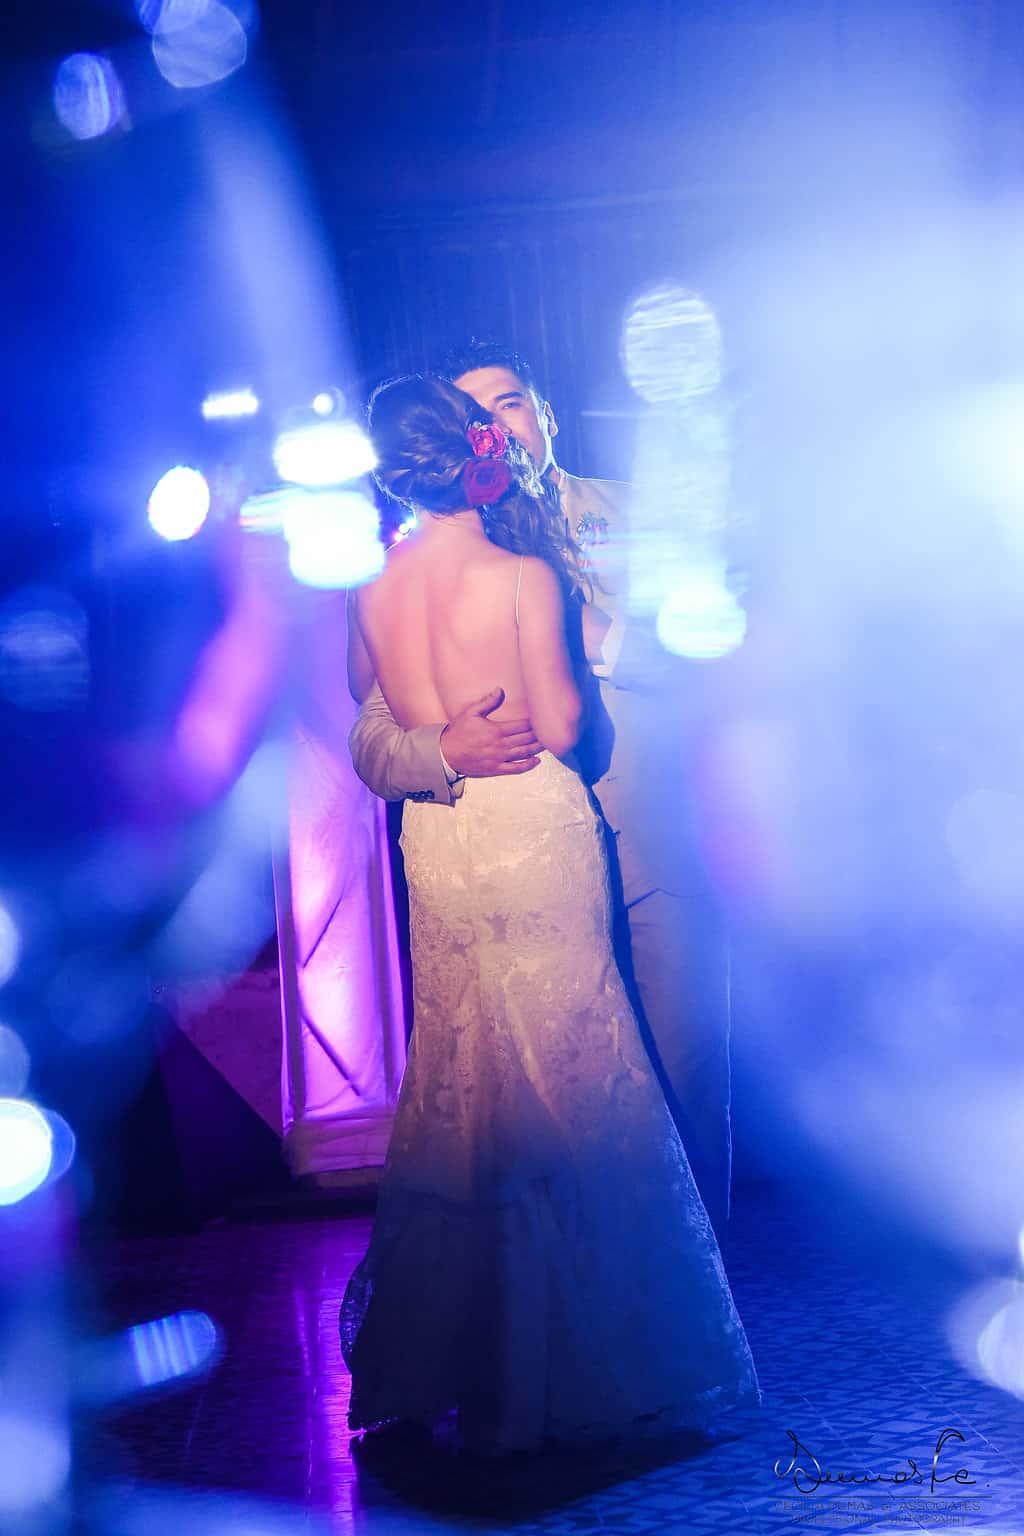 mahekalhotel-playadelcarmen-weddingphotography-lindseyalfredo130